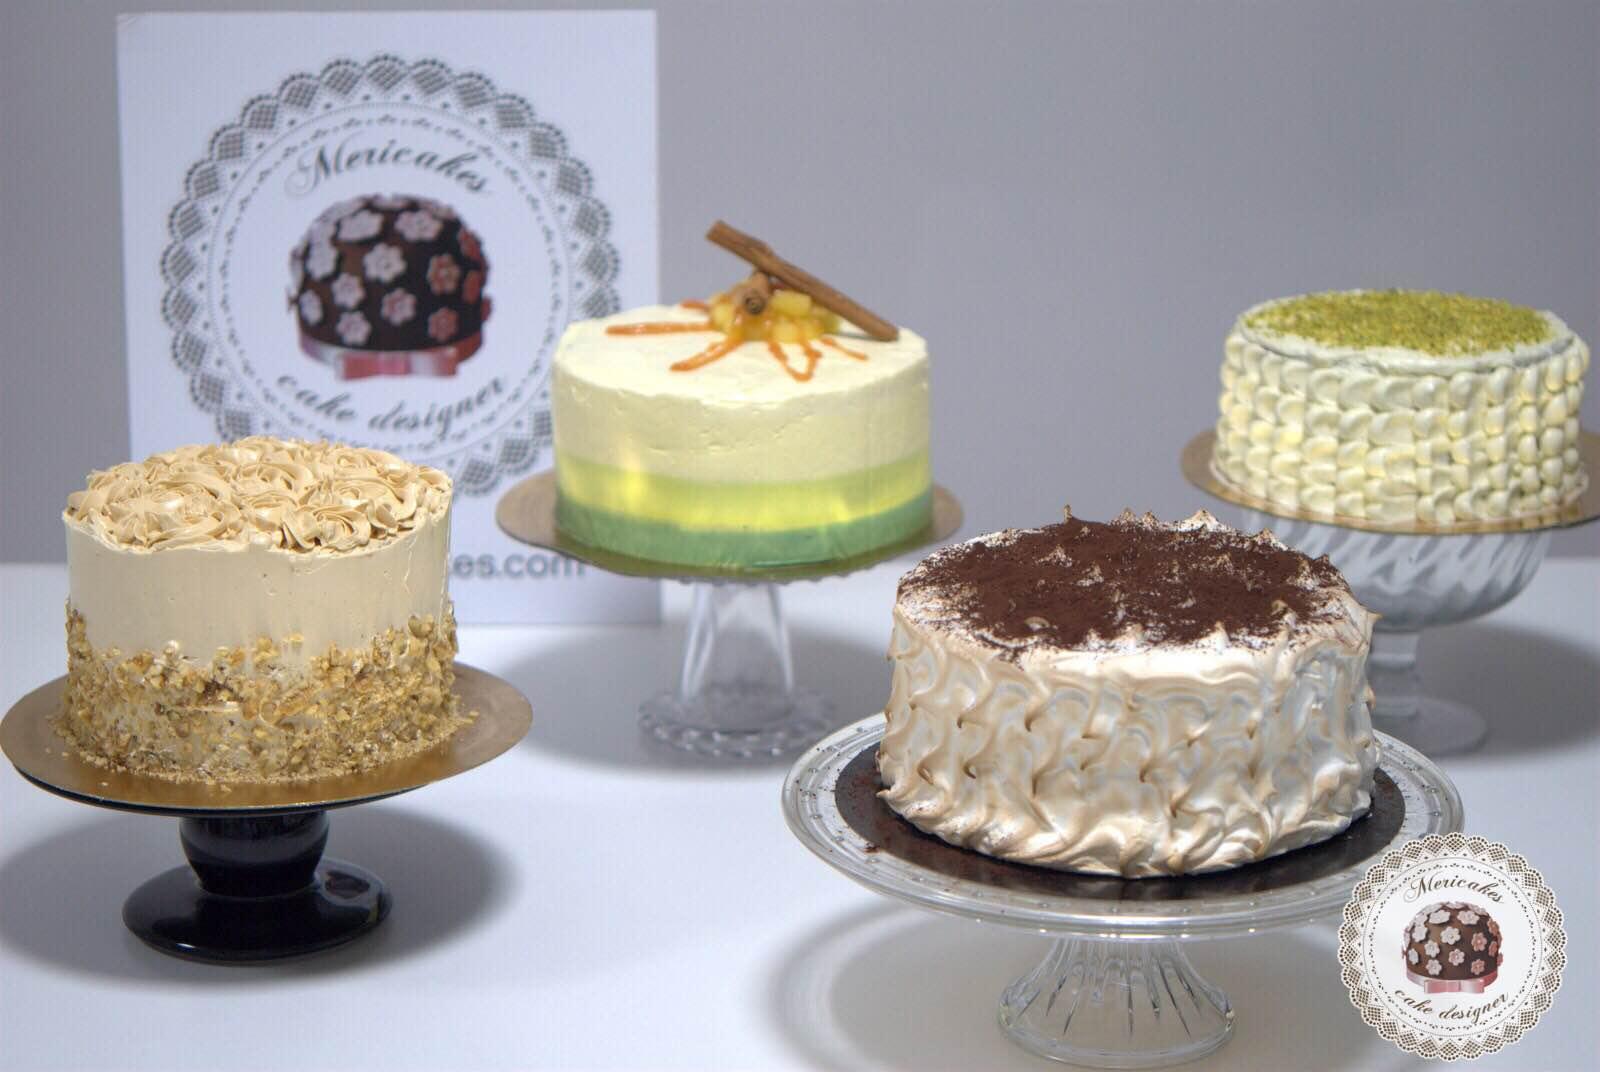 curso-bizcochos-y-rellenos-escuela-barcelona-tartas-layer-cakes-naked-cake-mericakes-carrot-cake-manzana-y-canela-devils-food-bananna-y-caramel-8